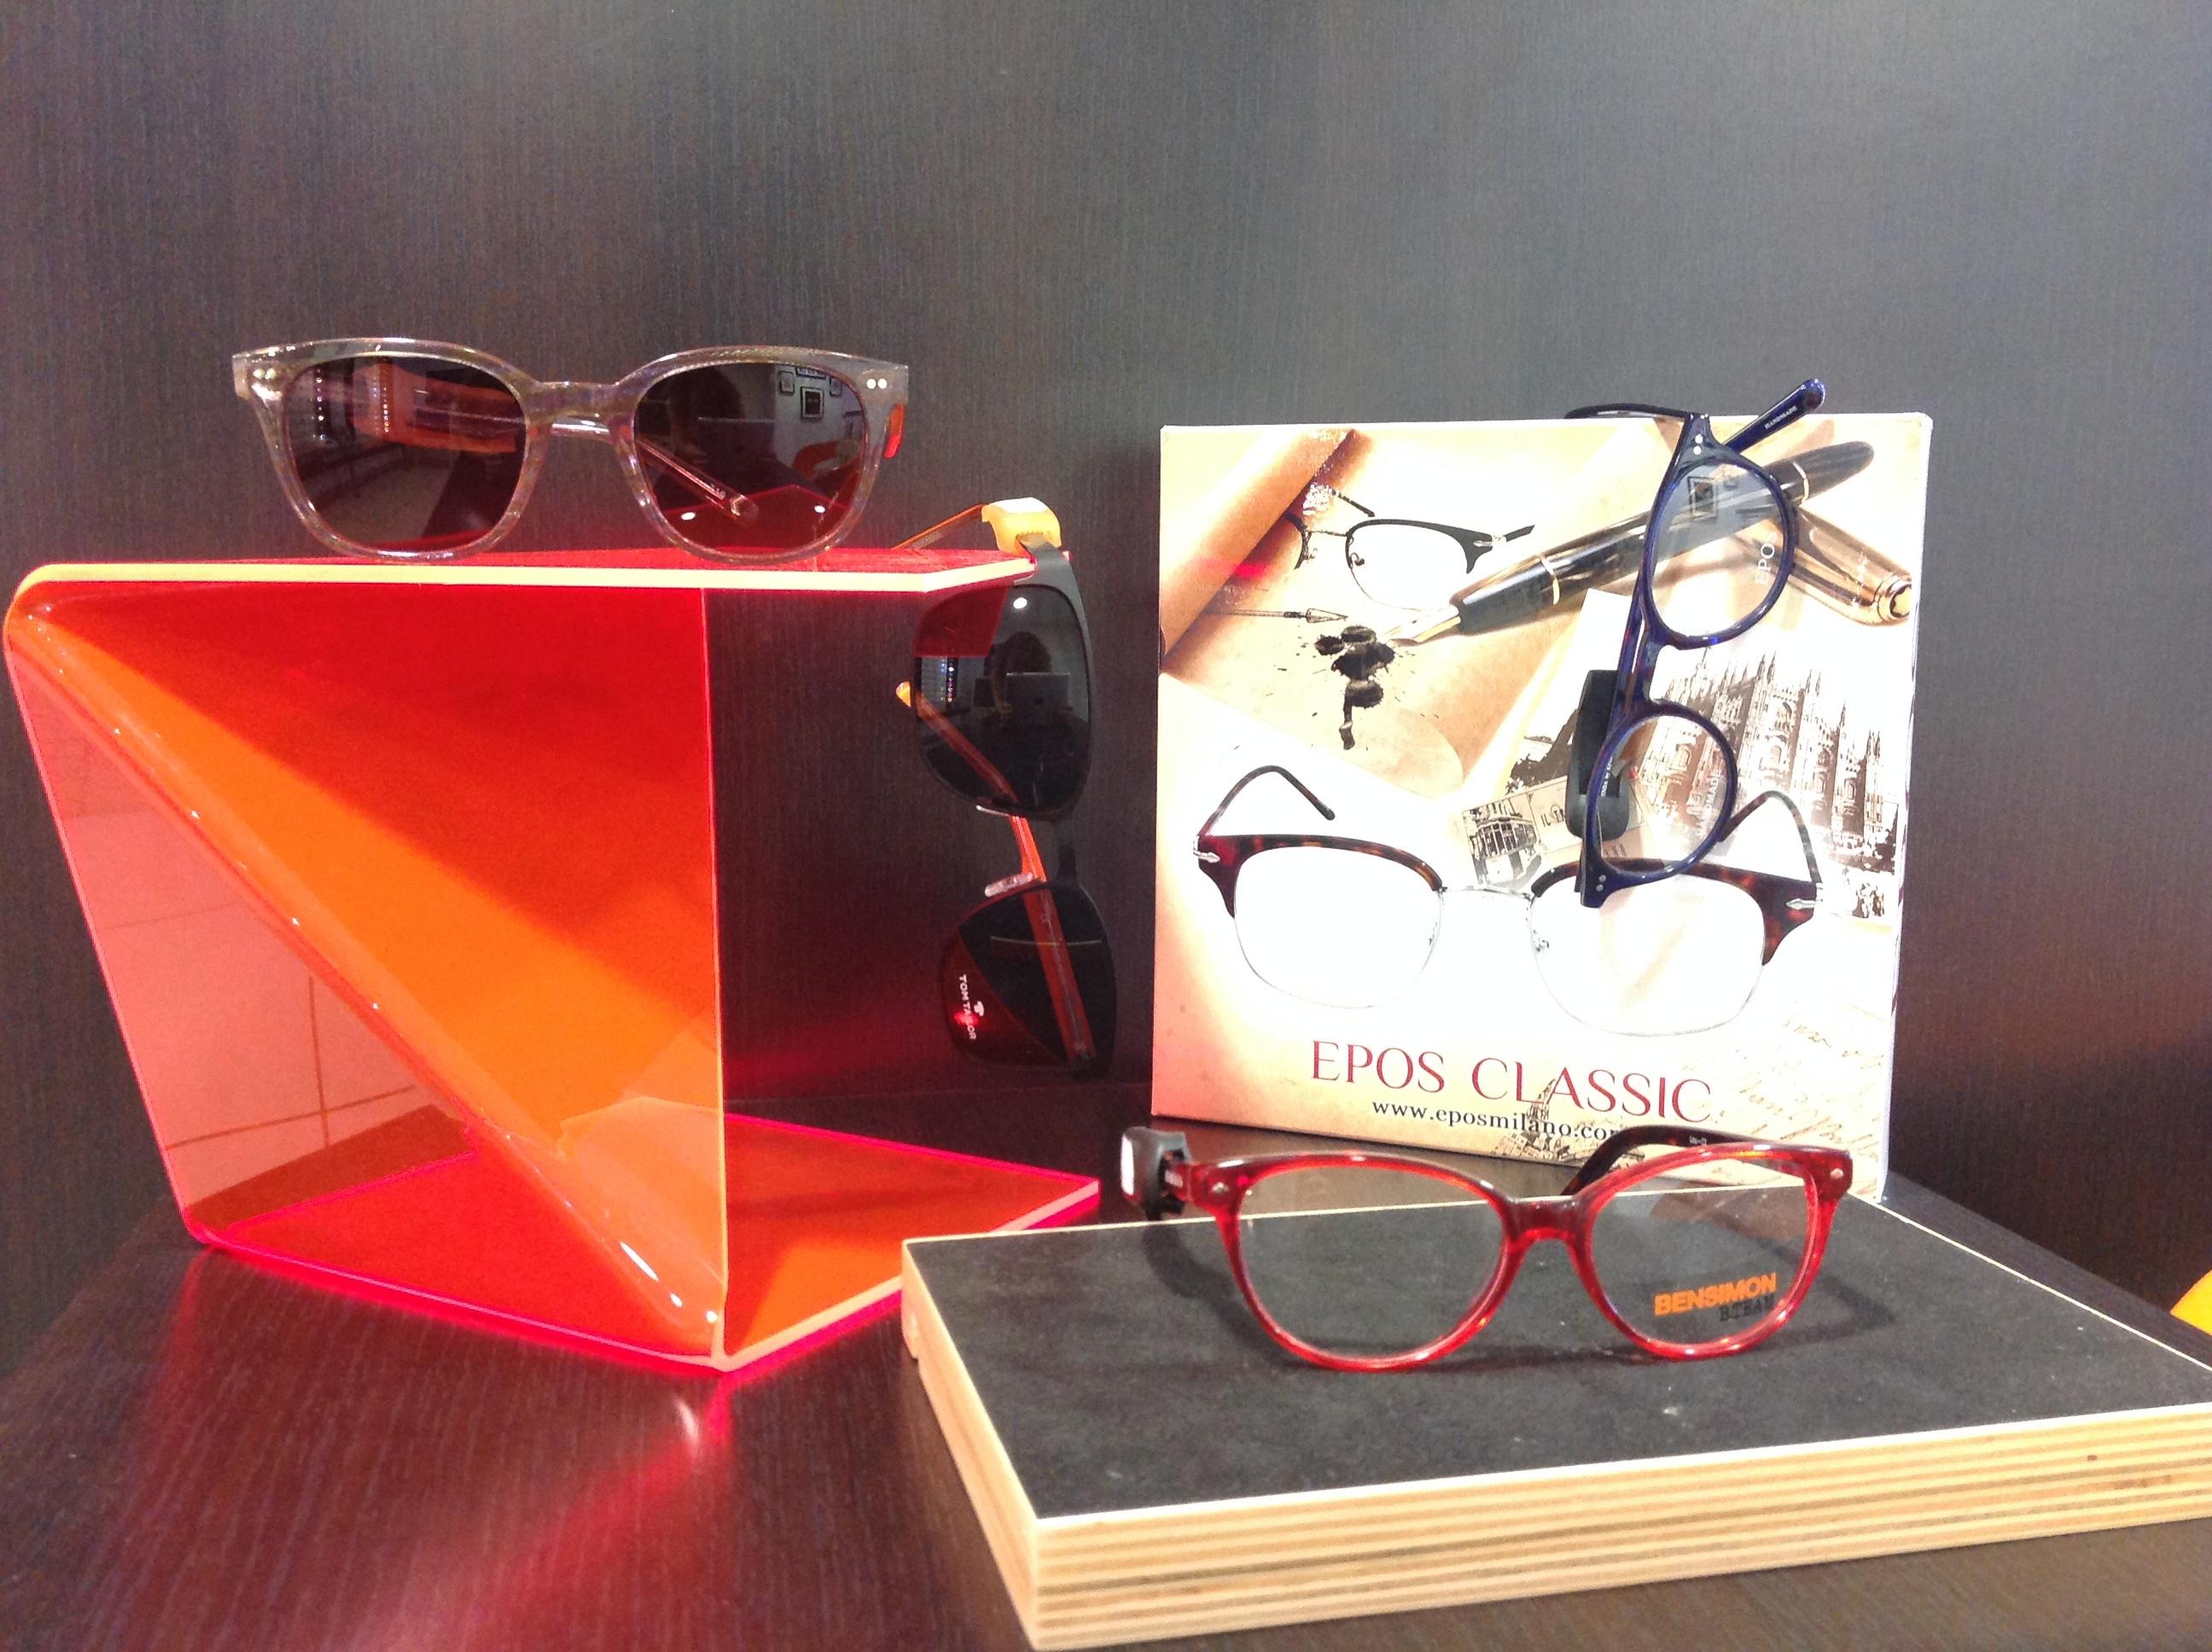 Galerie d'image - HK Optique